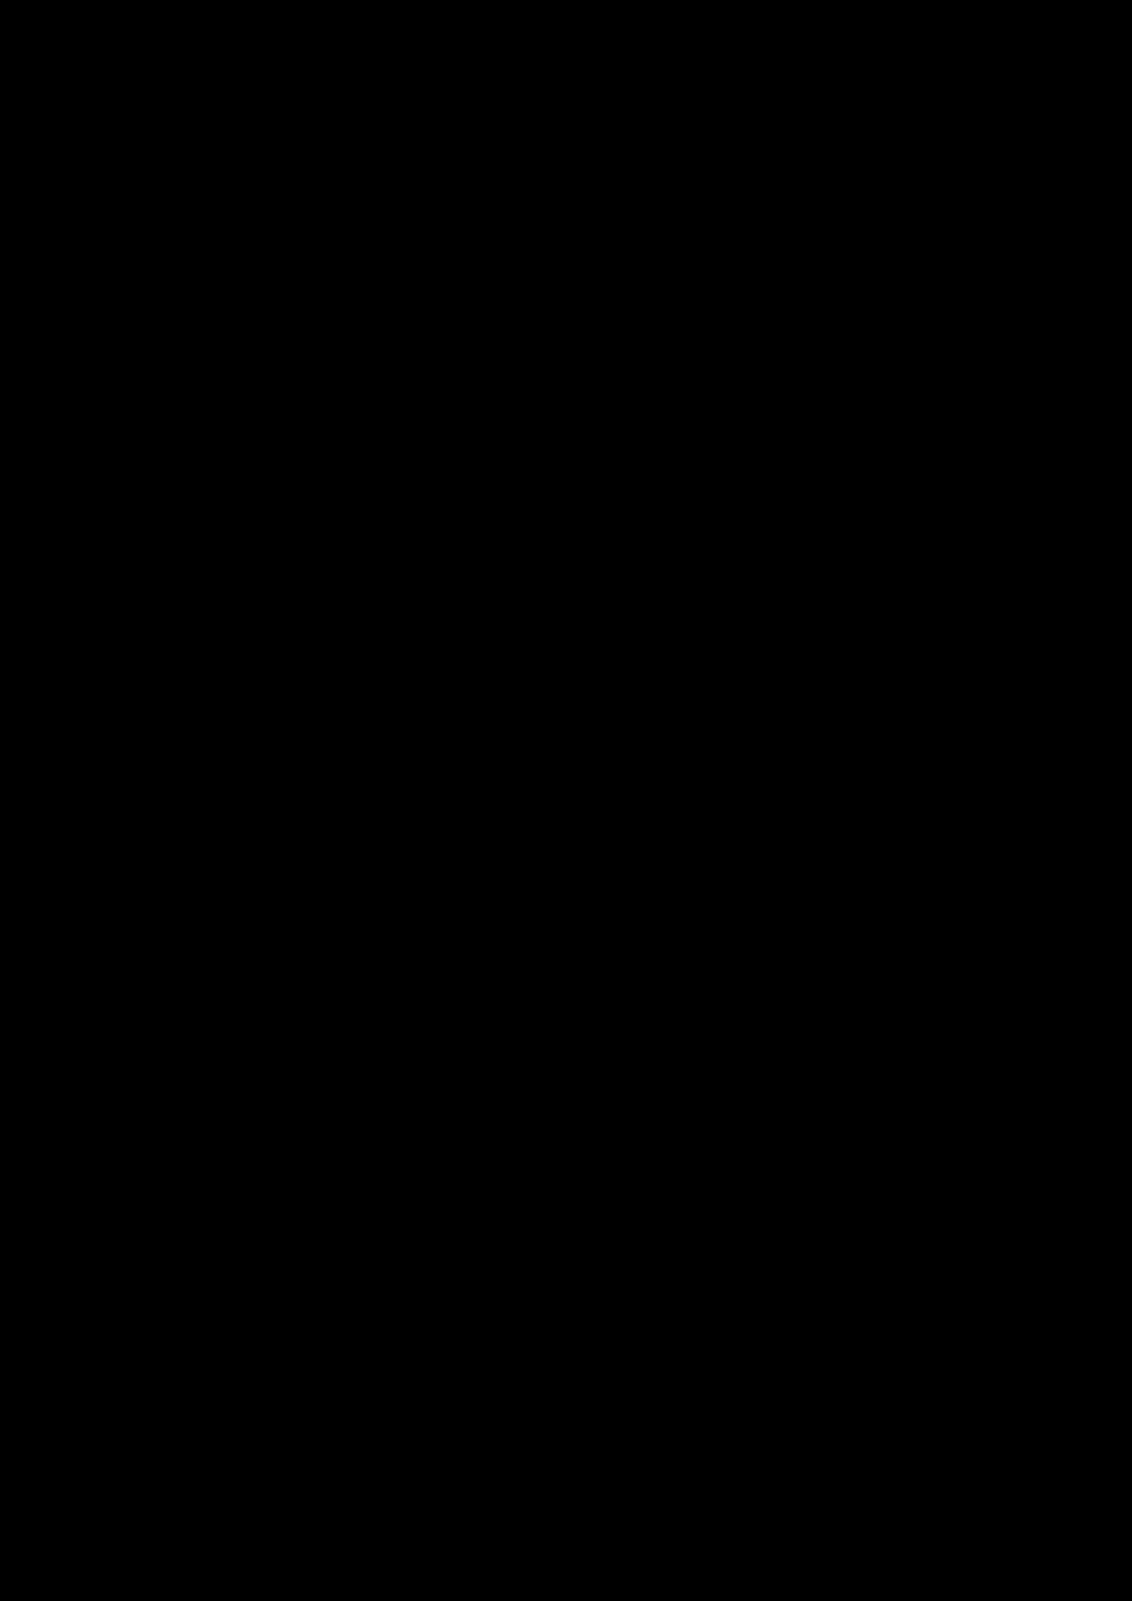 Prolog slide, Image 8